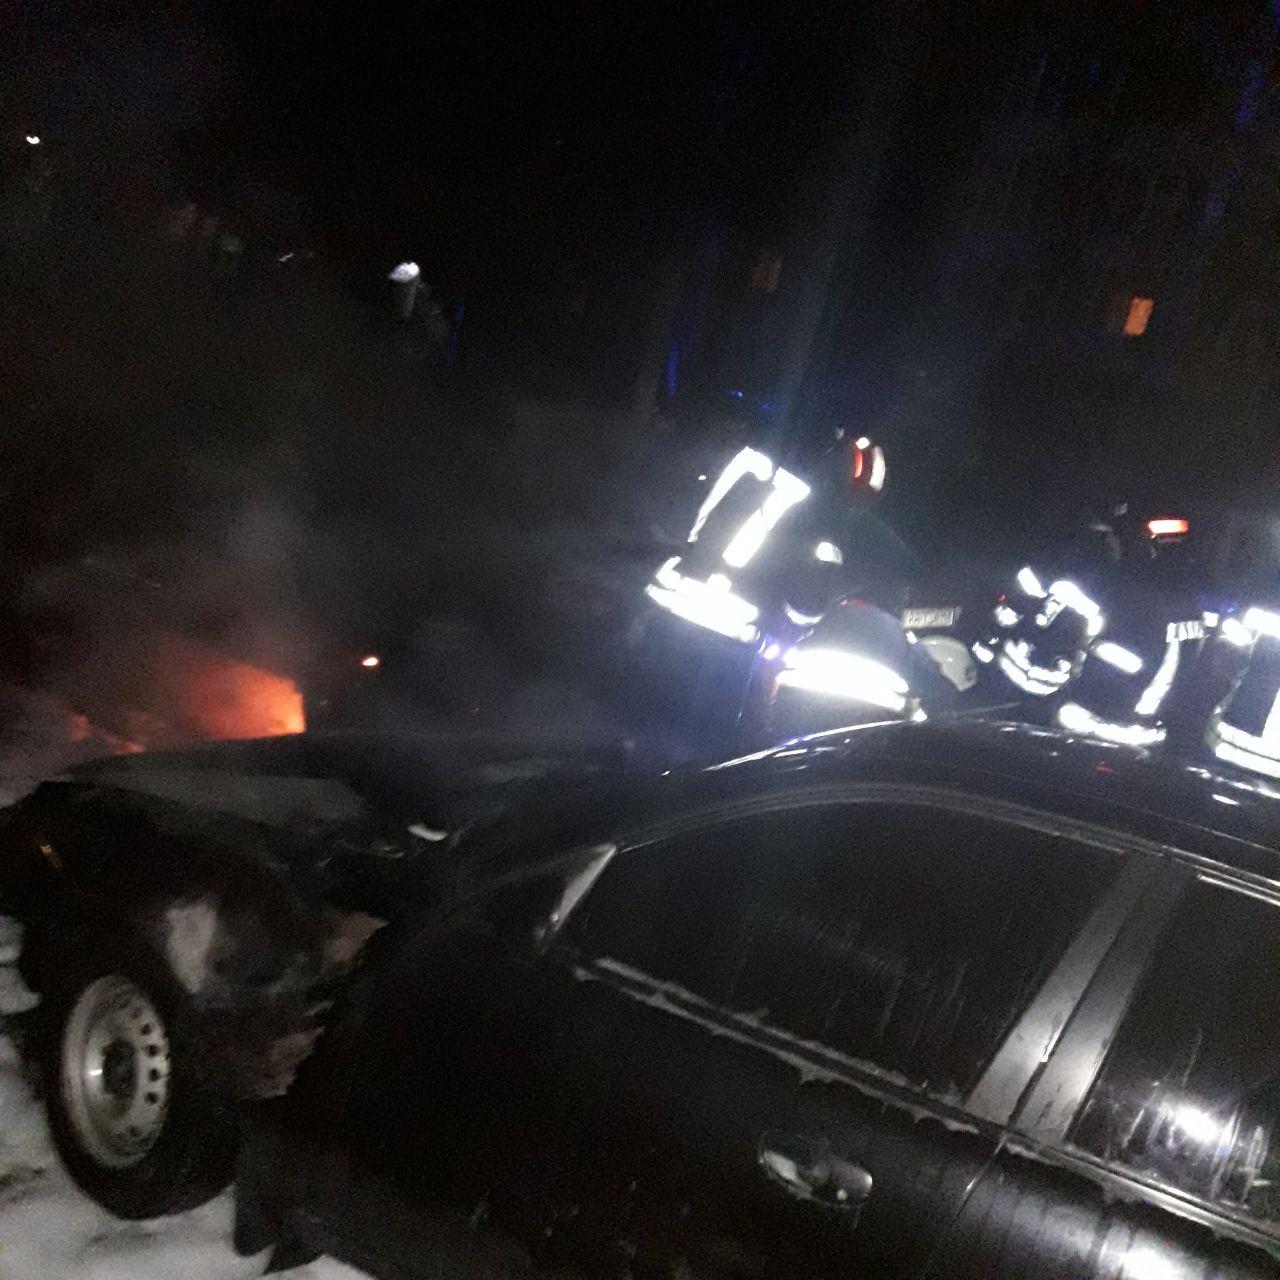 У Києві за ніч горіли два авто - Пожежа авто, пожежа, загоряння - 127192020 3507857049294212 2770827696809944322 o